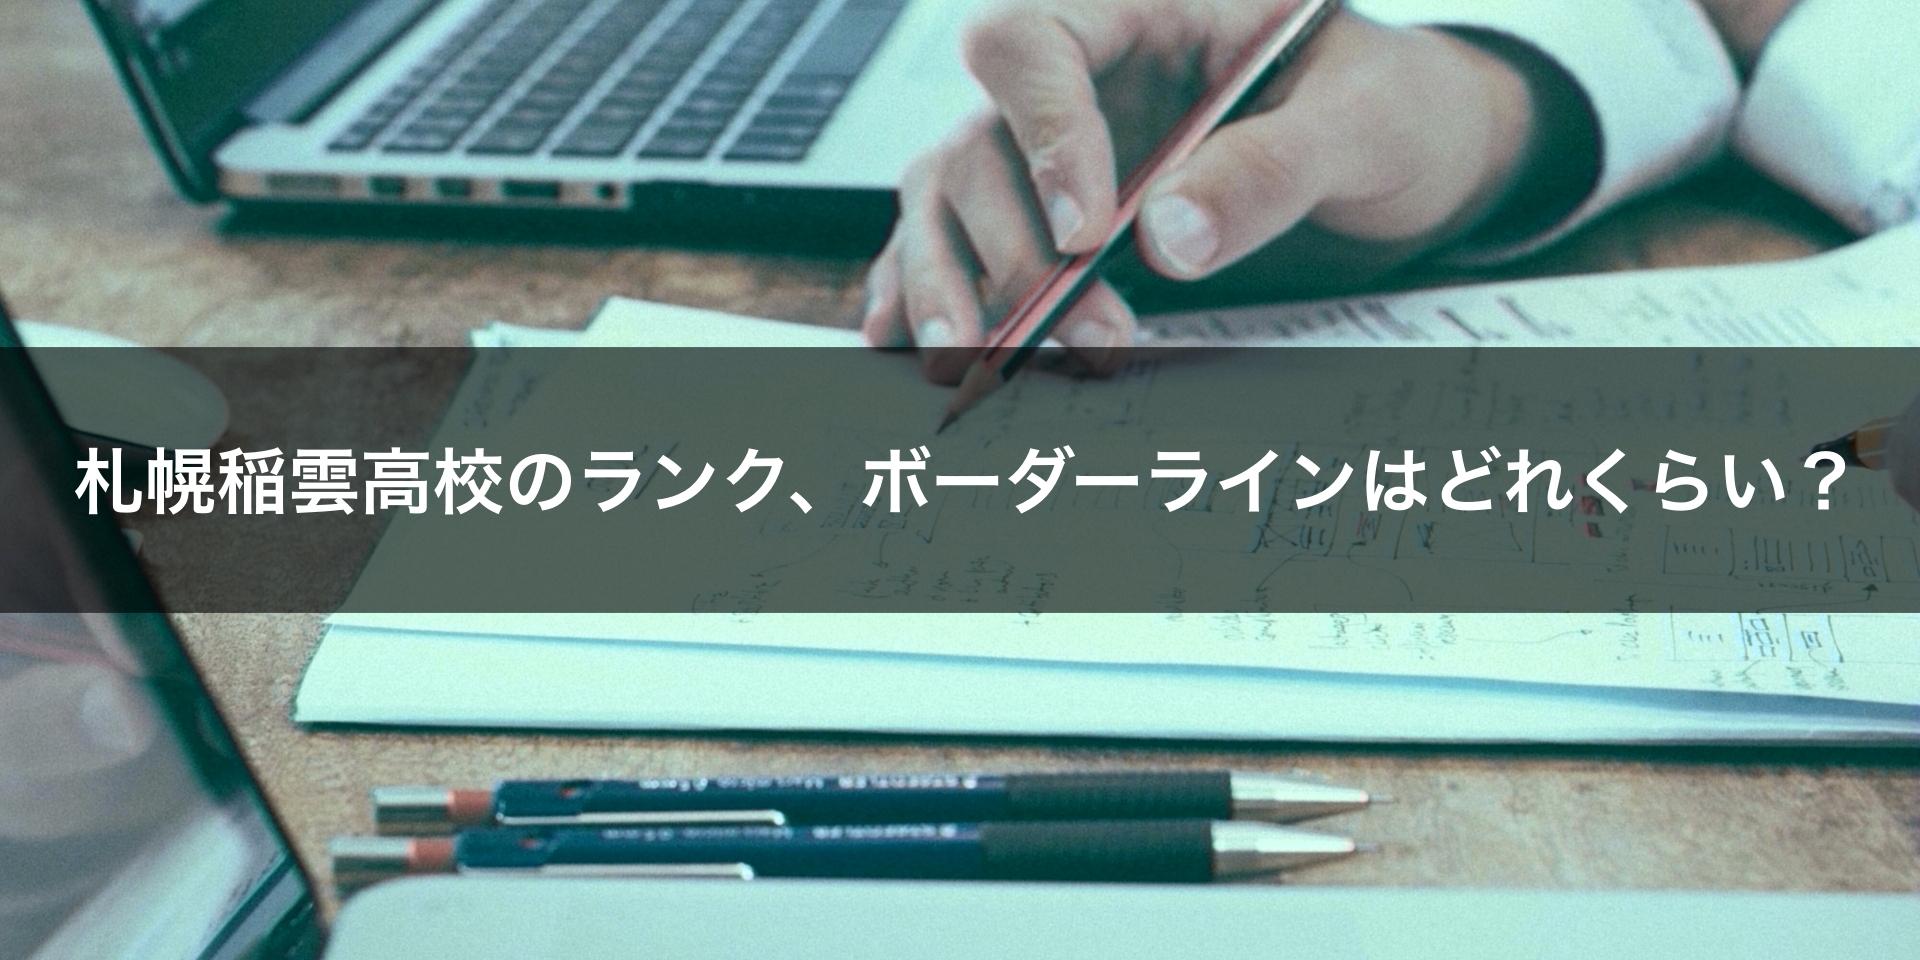 札幌稲雲高校のランク、ボーダーラインはどれくらい?